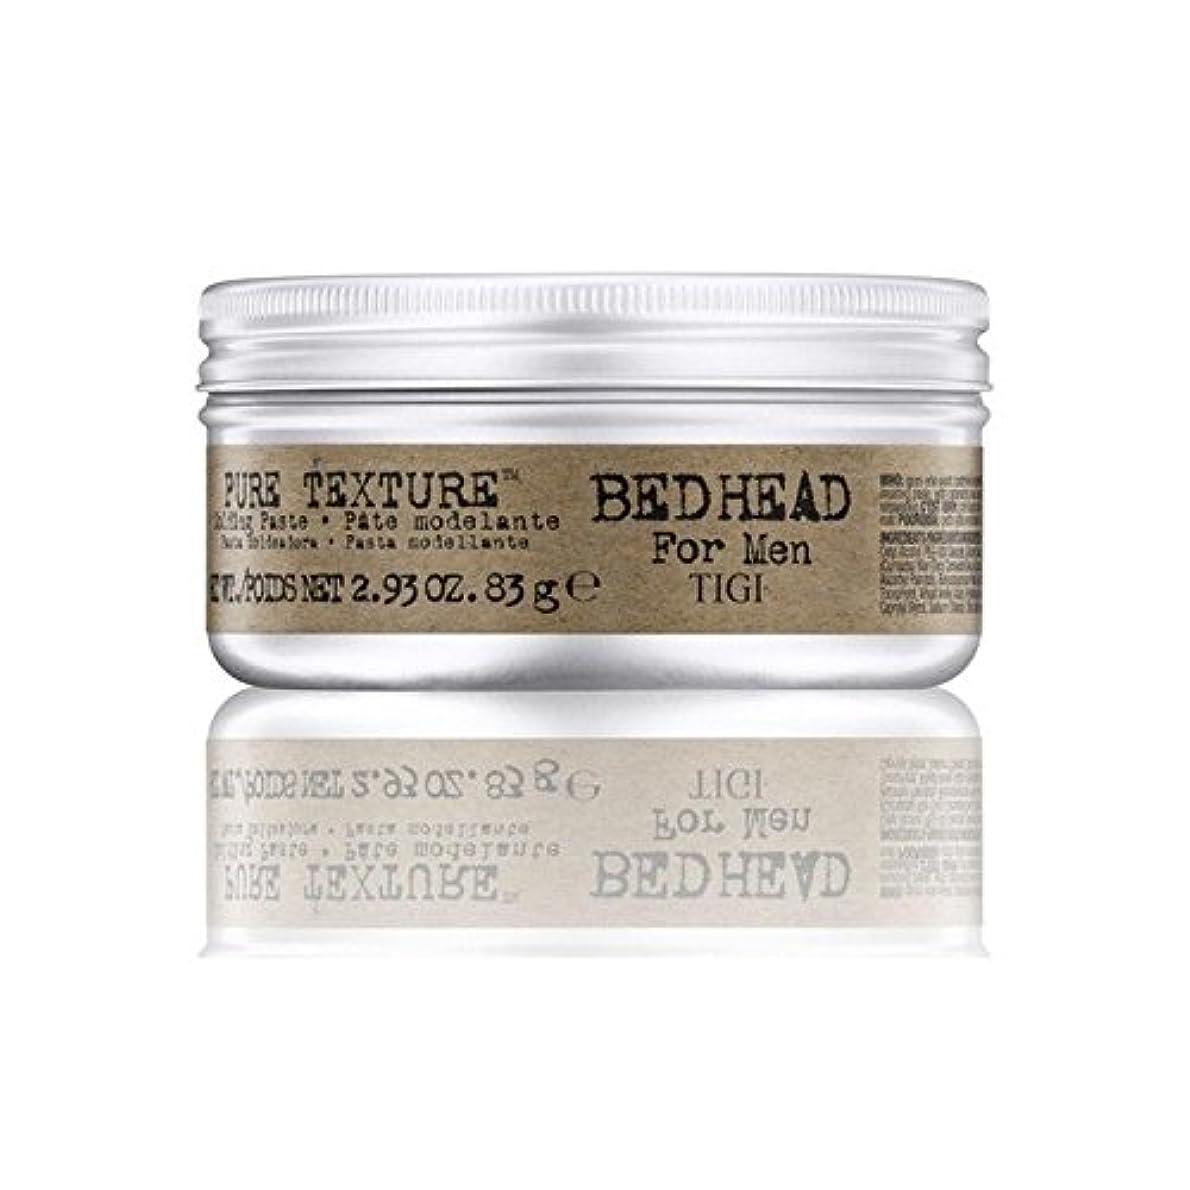 クラウン一杯支配的Tigi Bed Head For Men Pure Texture Molding Paste (83G) - 男性の純粋なテクスチャーモールディングペースト(83グラム)のためのティジーベッドヘッド [並行輸入品]